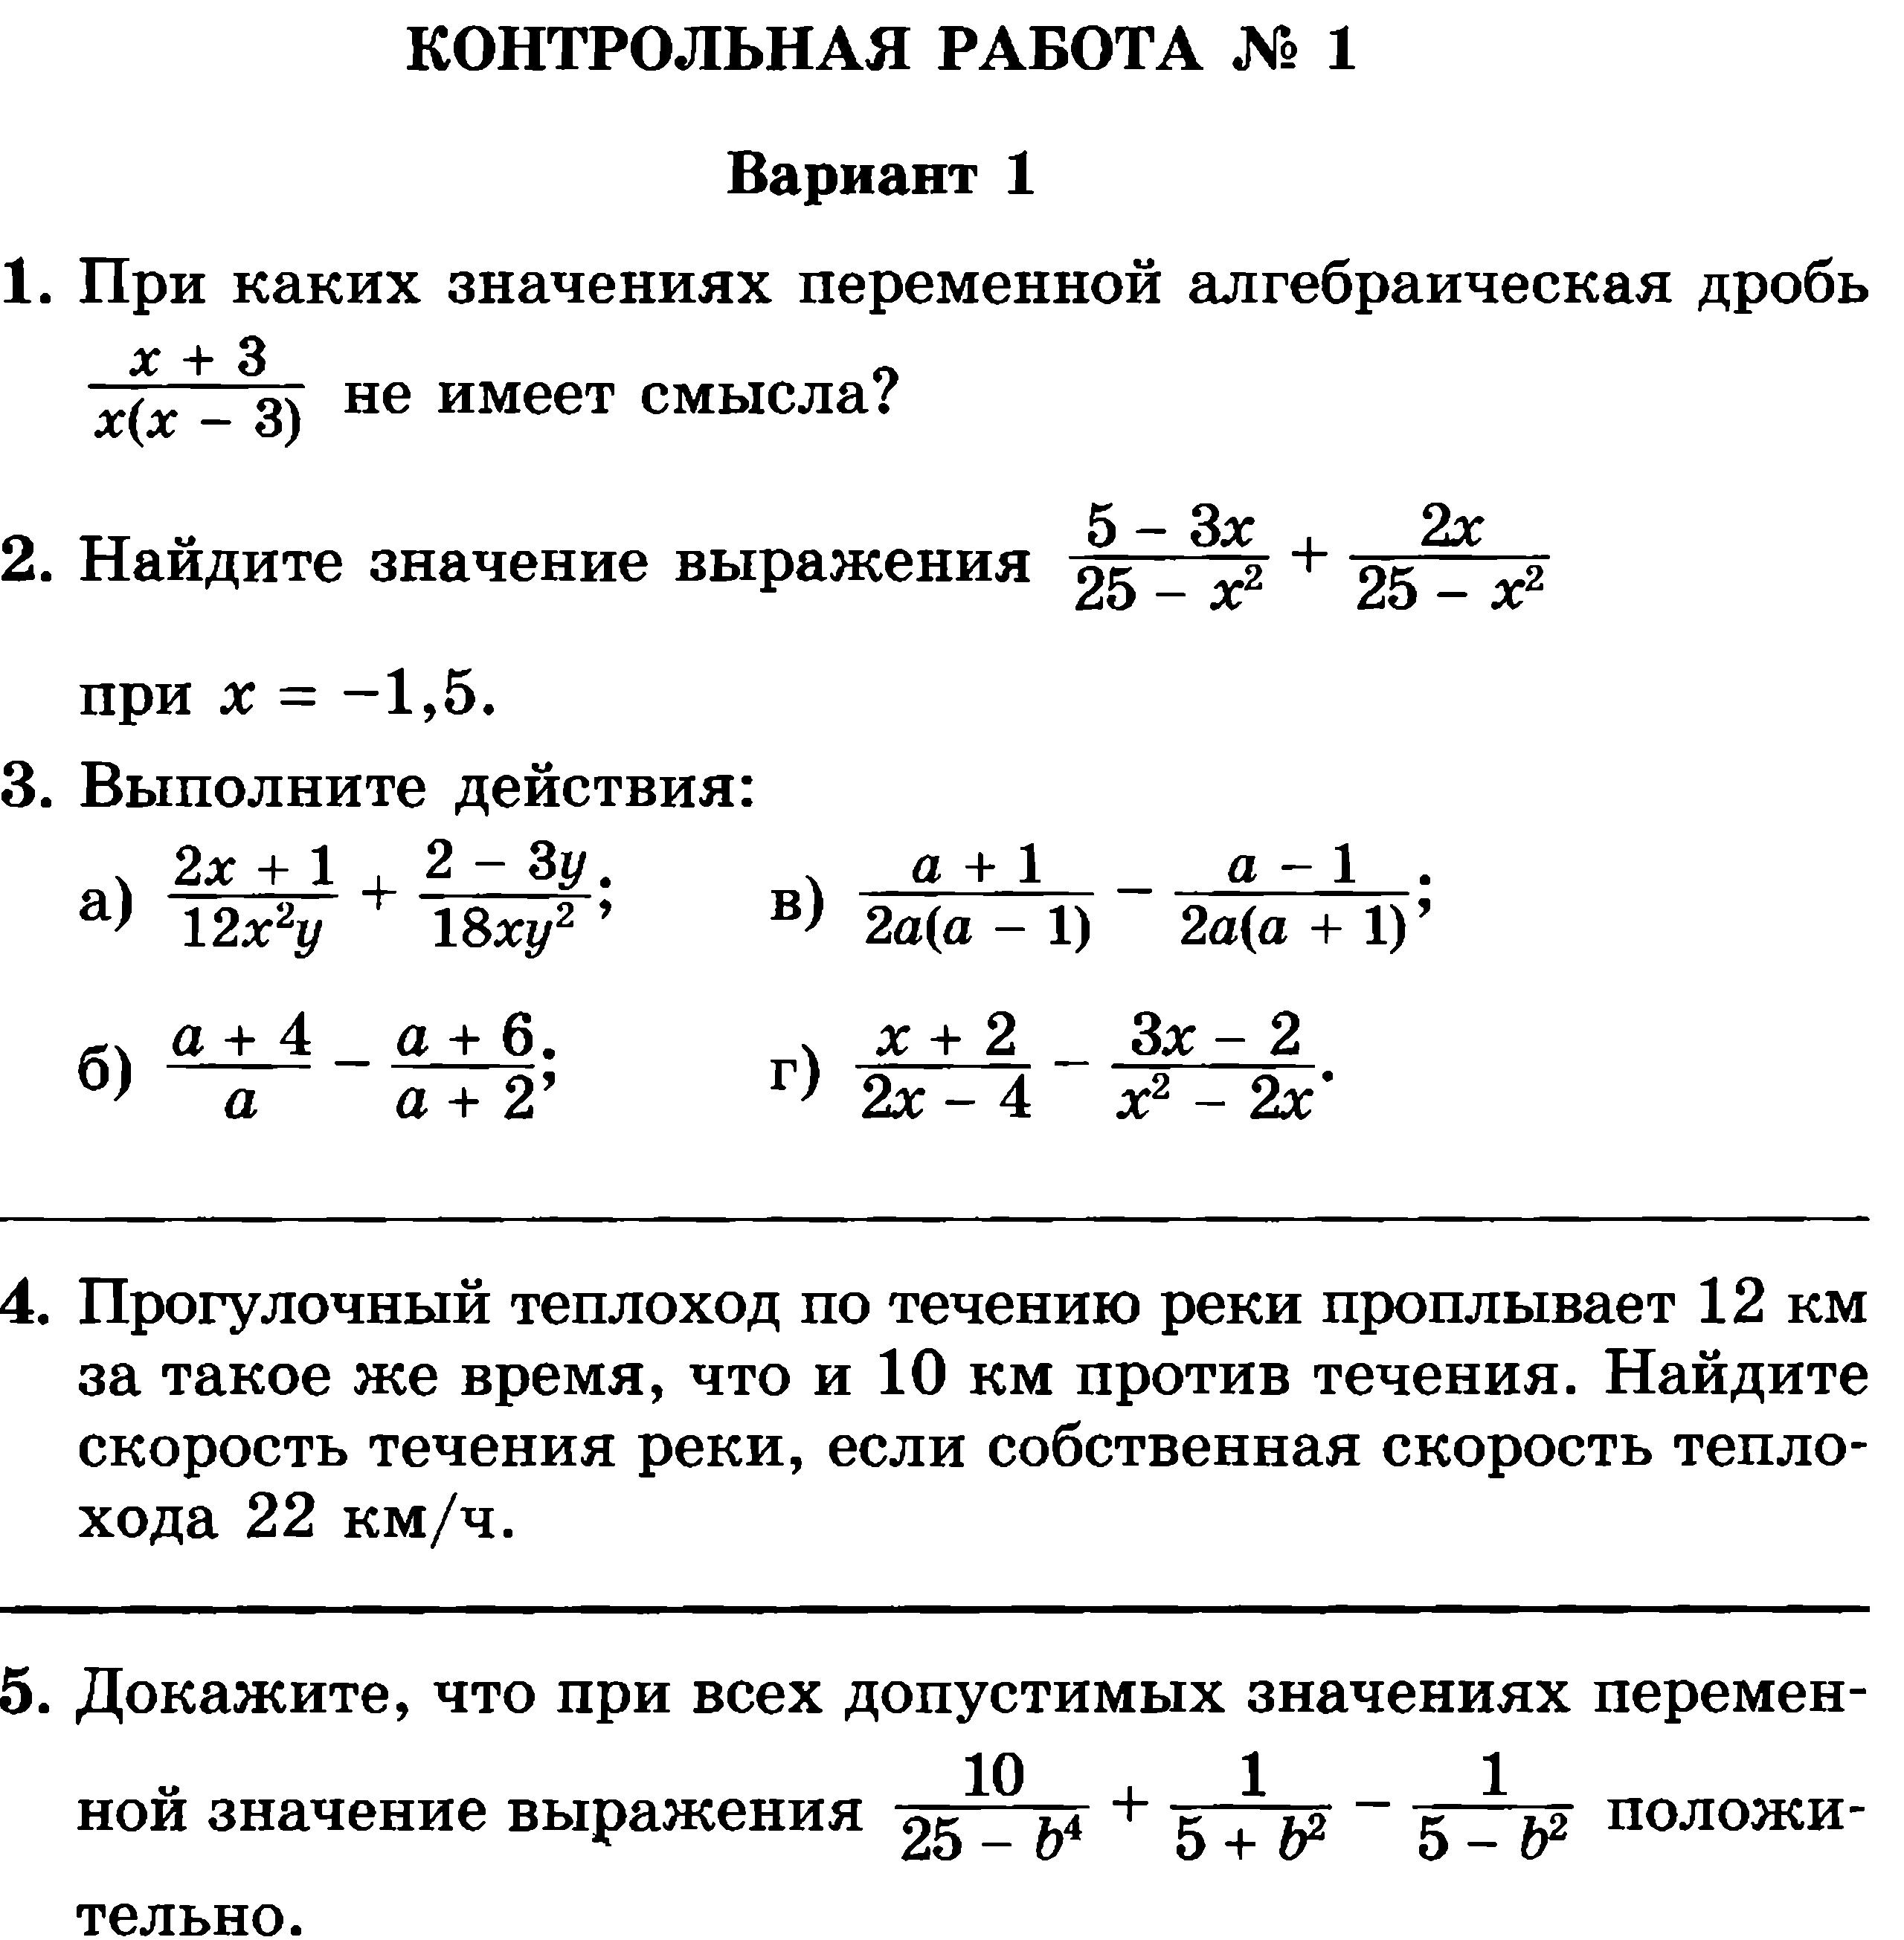 рабочая программа по математике для классов к УМК Бунимович  hello html 3402e401 png